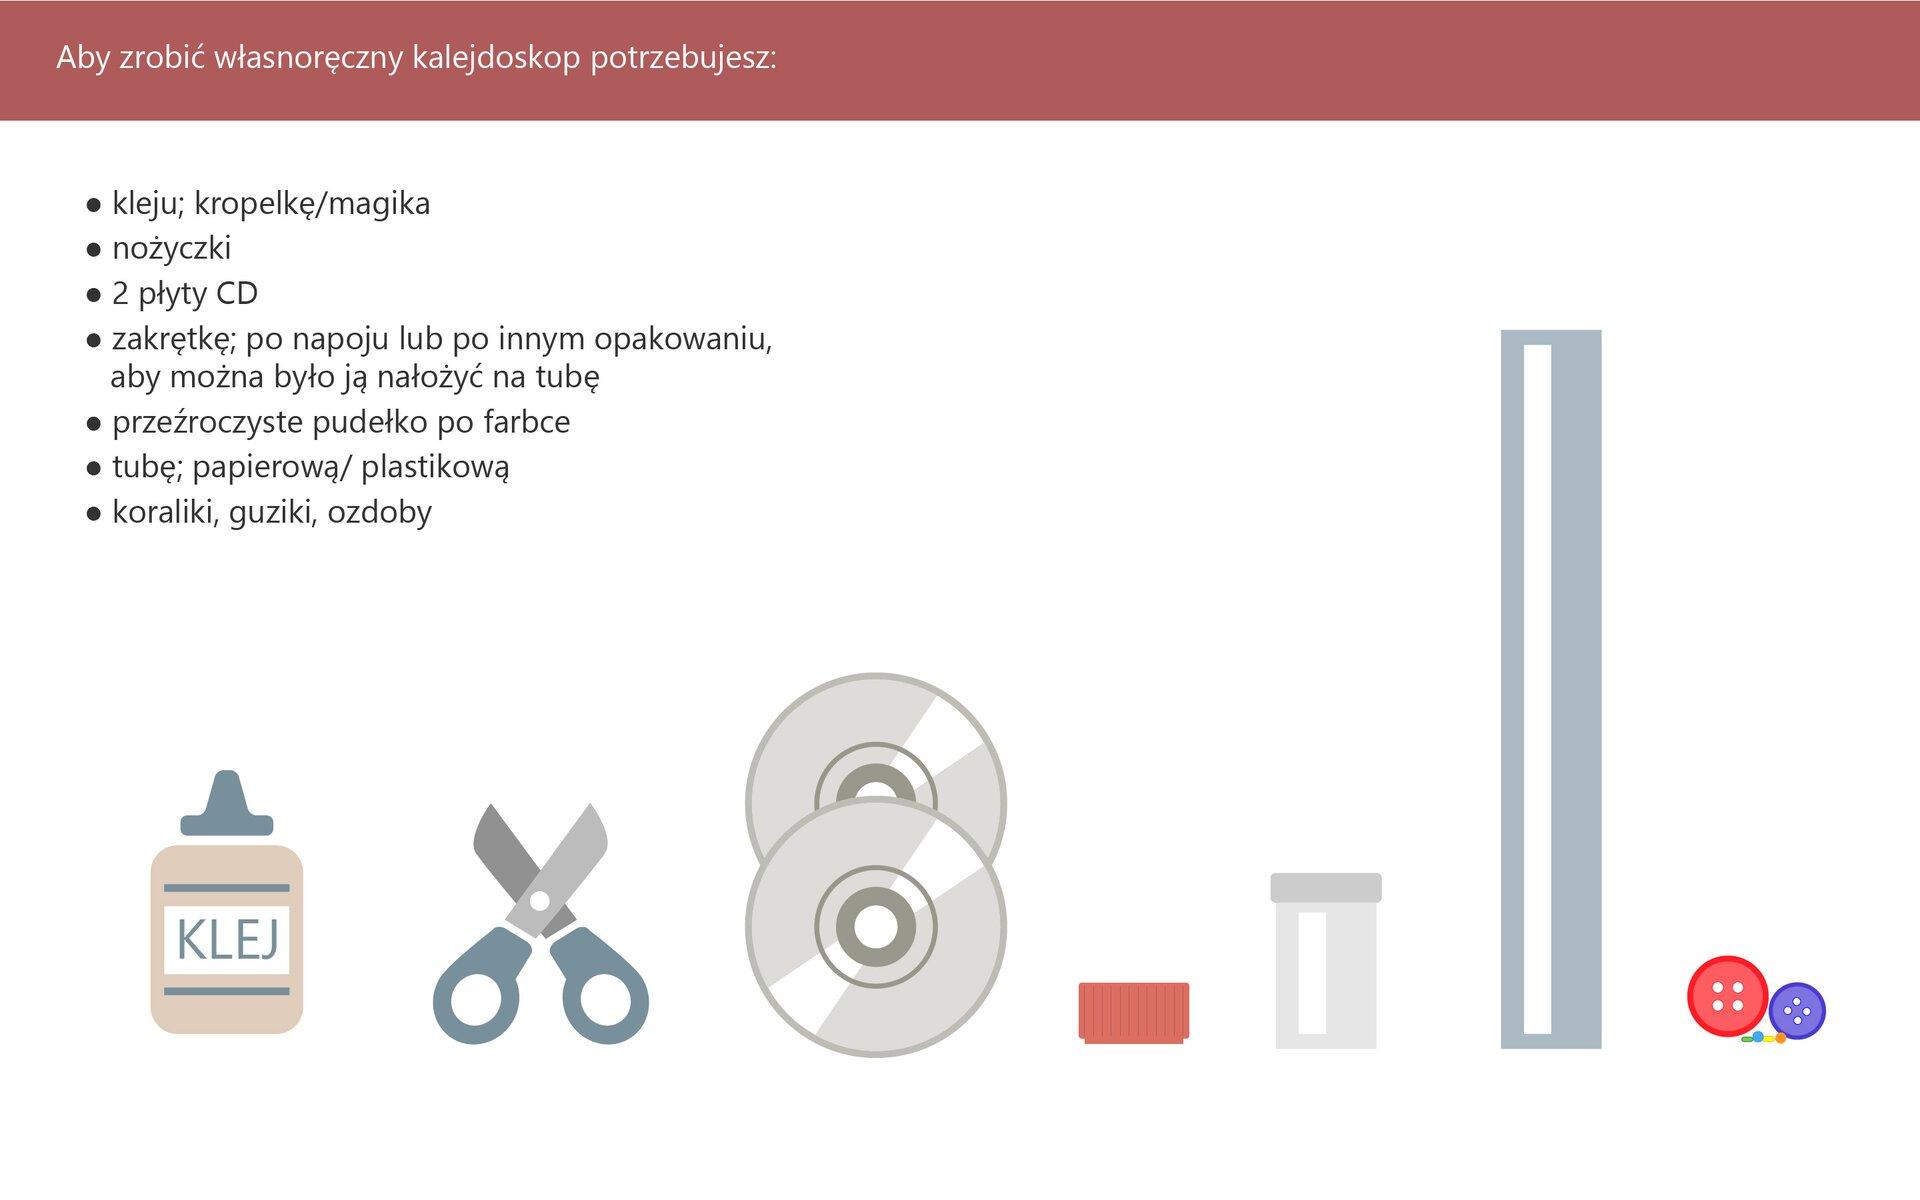 """Ilustracja przedstawia instrukcję wykonania własnego kalejdoskopu. Na górze grafiki znajduje się ramka znapisem """"Aby zrobić własny kalejdoskop potrzebujesz:"""" poniżej wymienione są potrzebne rzeczy iumieszczone ikonki ukazujące: klej, nożyczki, dwie płyty CD, zakrętka, przeźroczyste pudełko po farbie, rolkę po ręczniku papierowym, koraliki iguziki."""